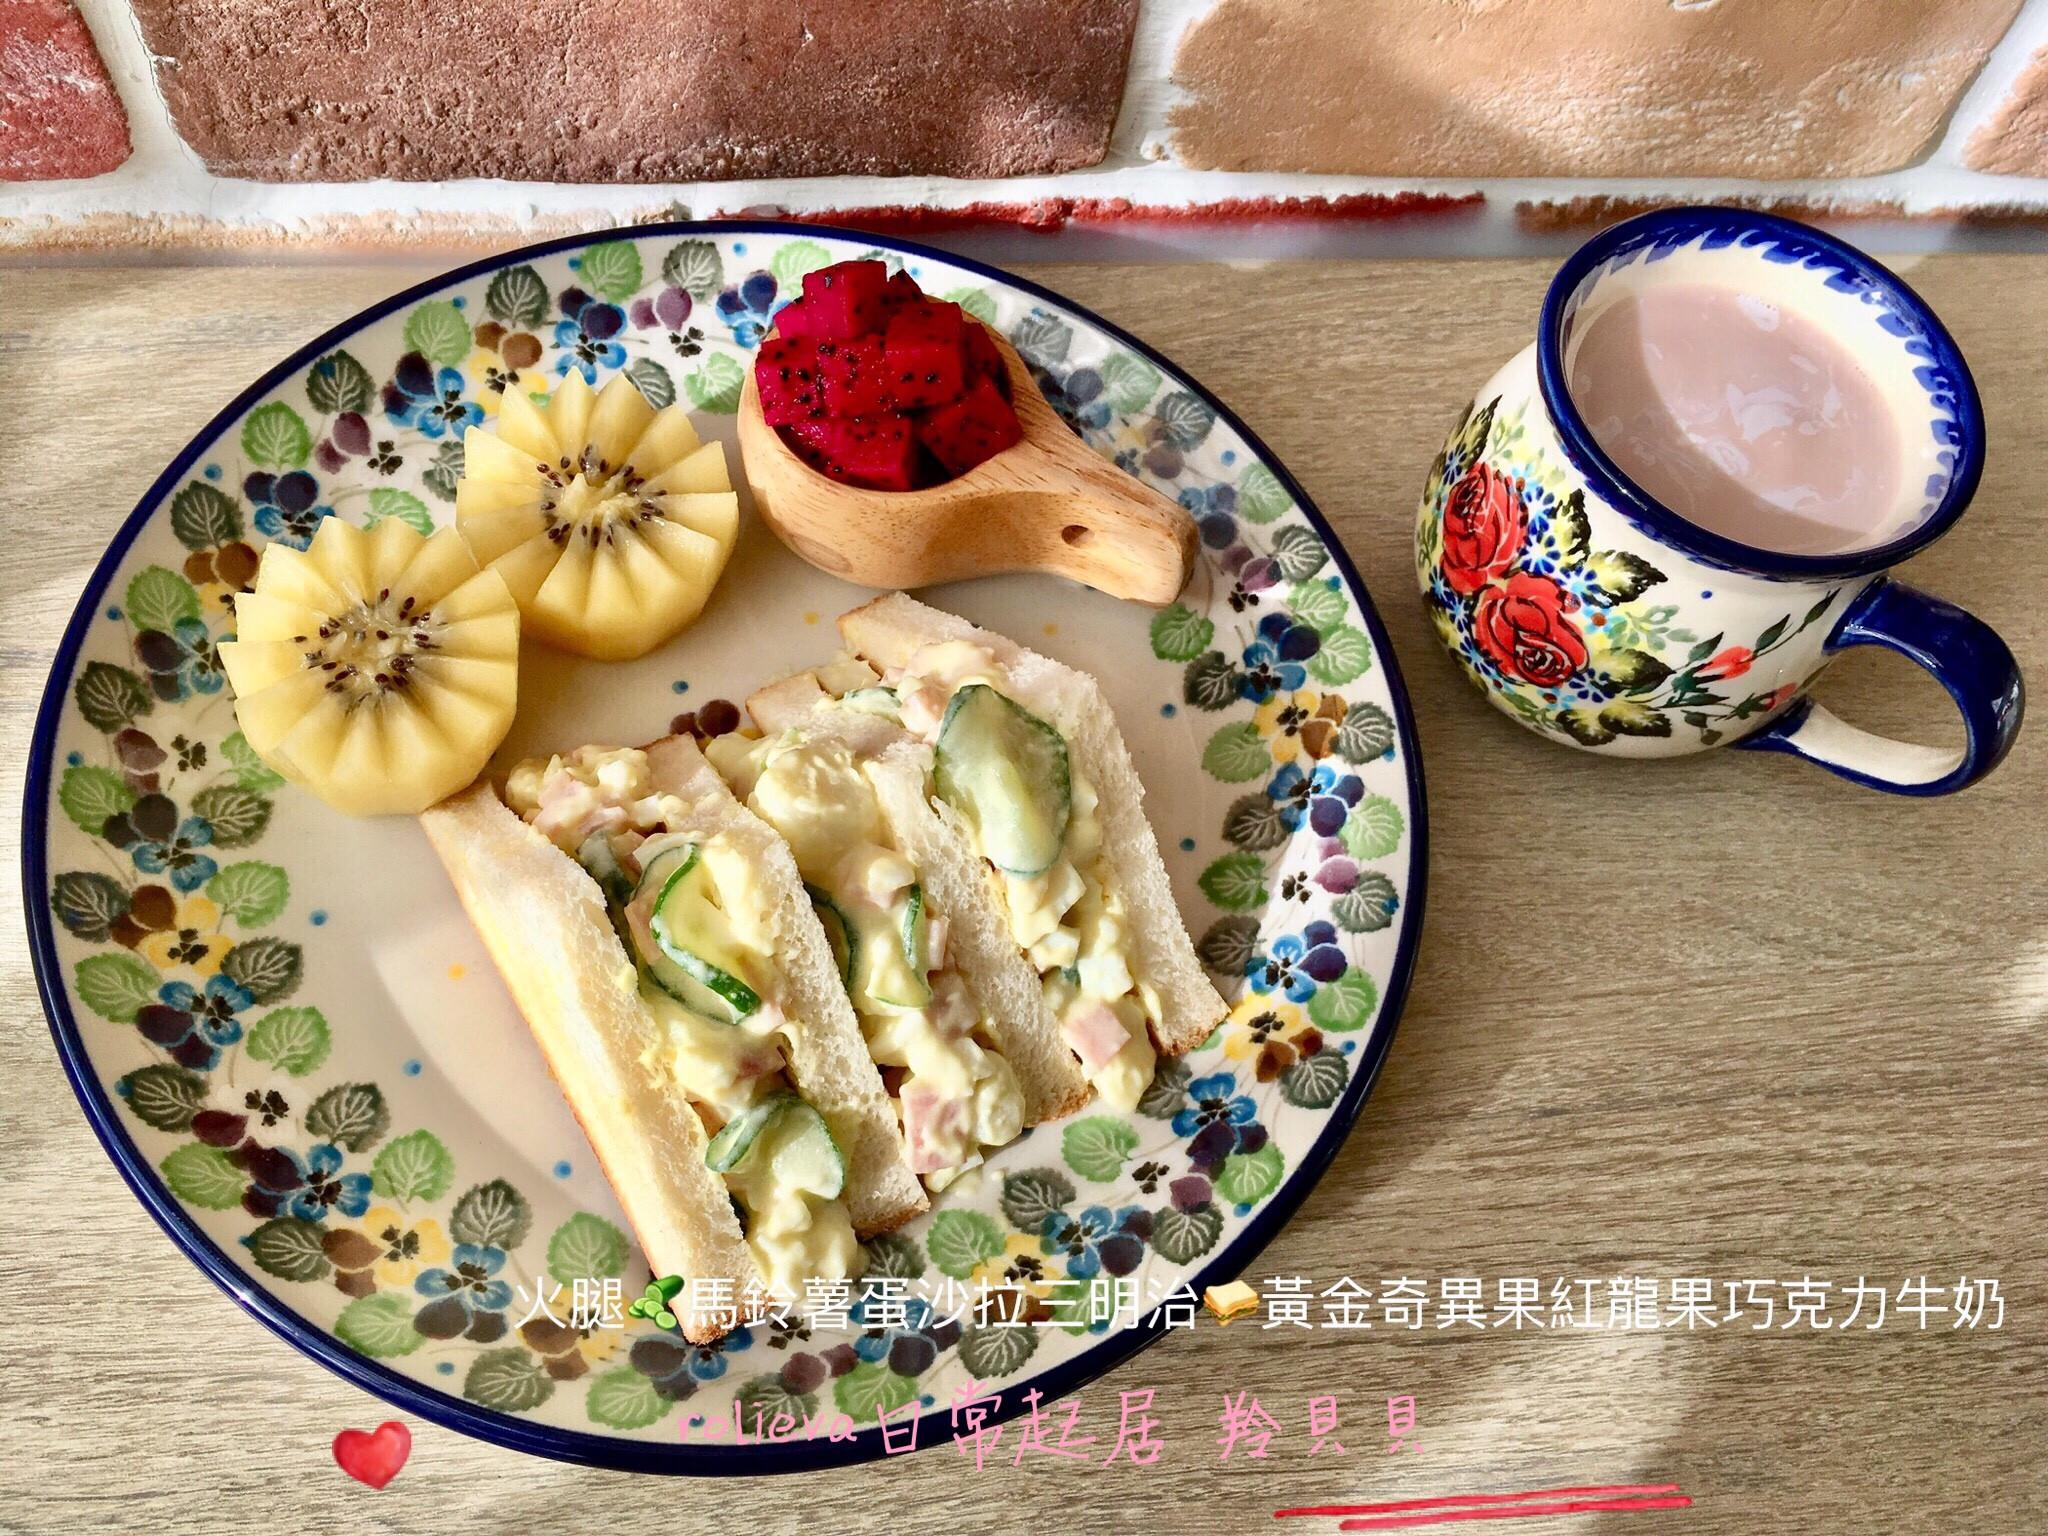 火腿🥒馬鈴薯蛋沙拉三明治🥪